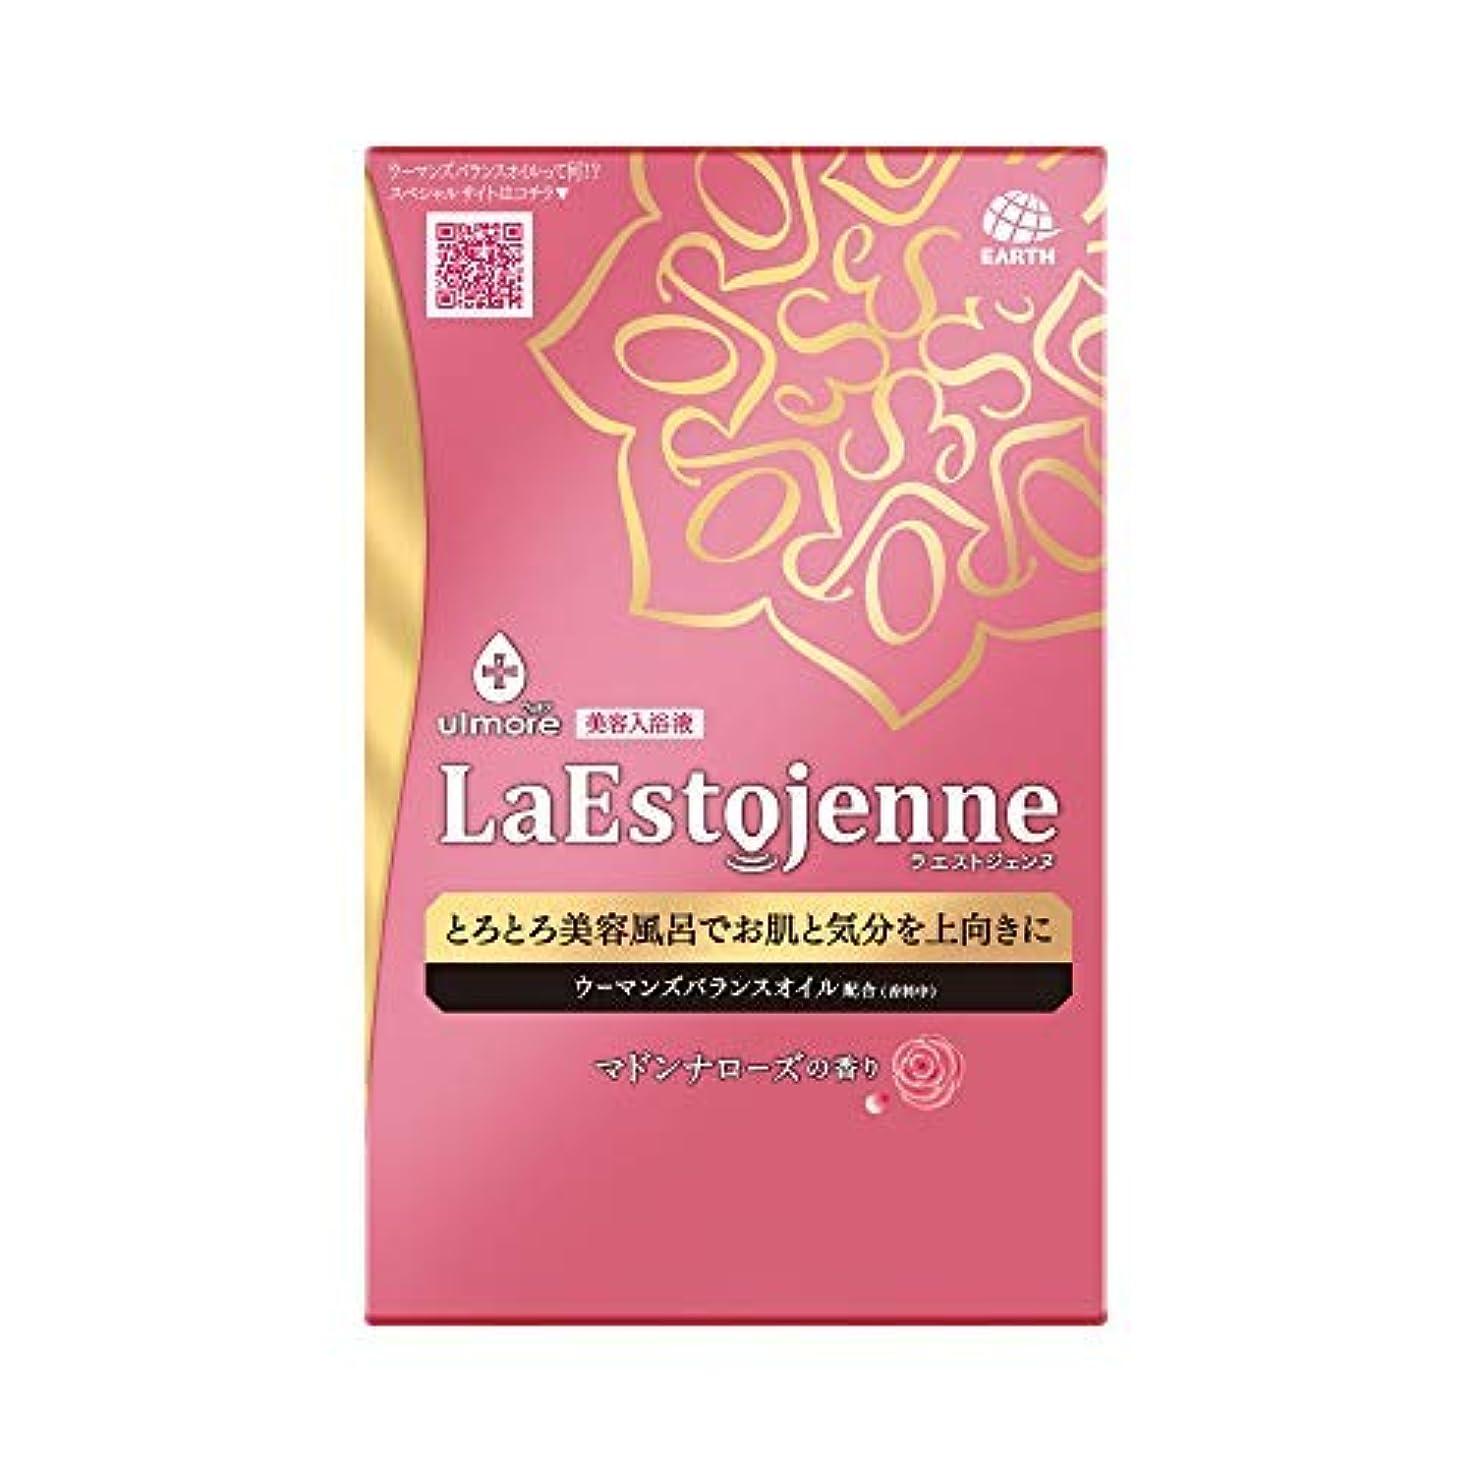 隣接逃す保存ウルモア ラエストジェンヌ マドンナローズの香り 3包入り × 8個セット